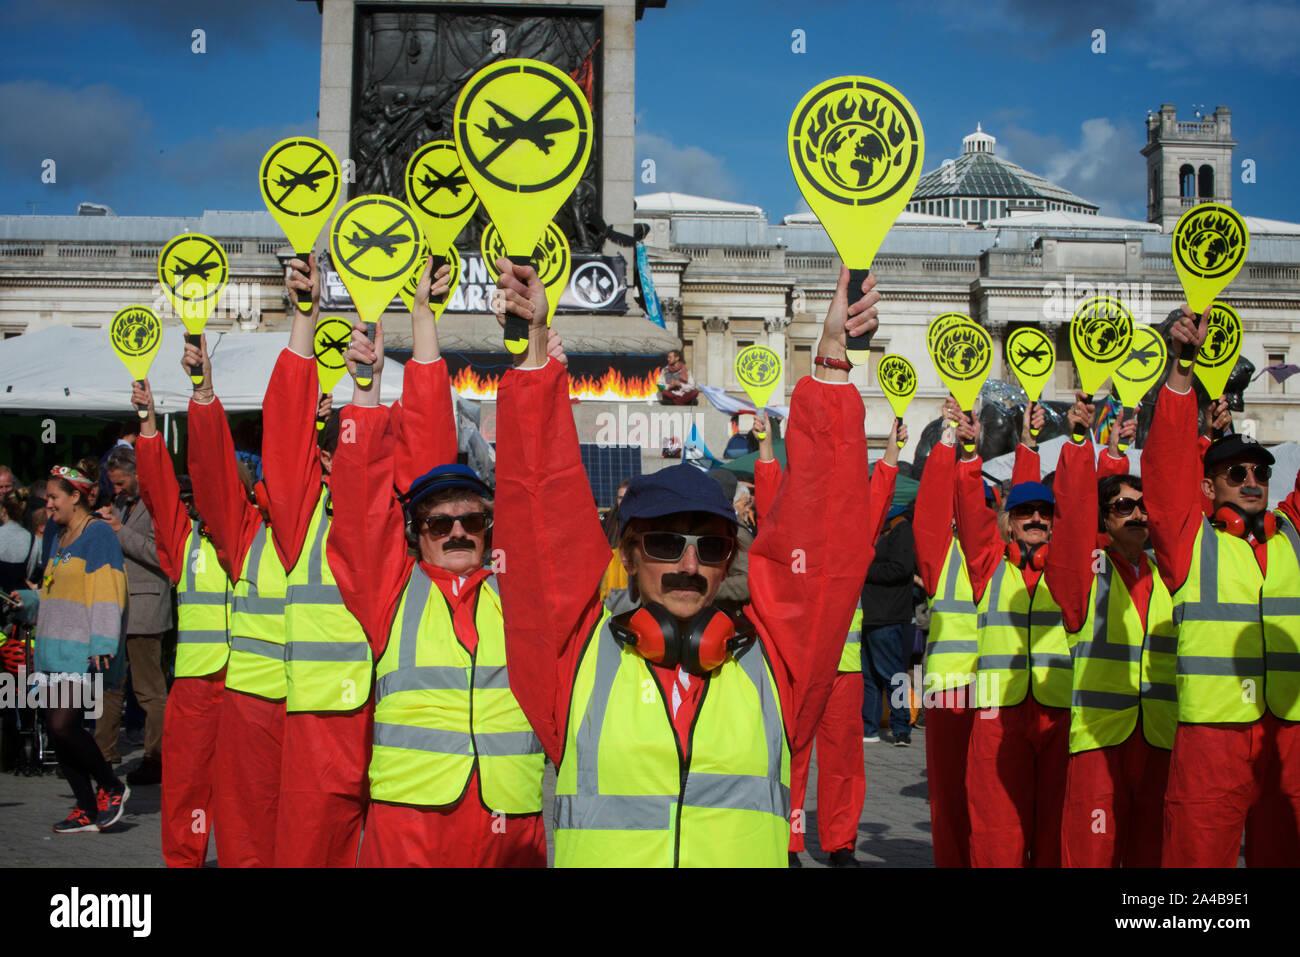 """Extinción rebelión protesta continuó en Londres del 7 de octubre. El objetivo de la participación de las masas en la acción directa no violenta y la desobediencia civil fue llamar la atención sobre la crisis climática y la pérdida de biodiversidad. Extinción rebelión demandas son que los gobiernos decirle al público la verdad sobre el verdadero alcance de la crisis, tomar medidas ahora para reducir las emisiones de CO2 y establecer asambleas de ciudadanos para supervisar los cambios de política. Además, exigen que se tomen medidas para poner fin a la destrucción del mundo natural que conduce a la """"sexta extinción masiva"""" de especies. Foto de stock"""